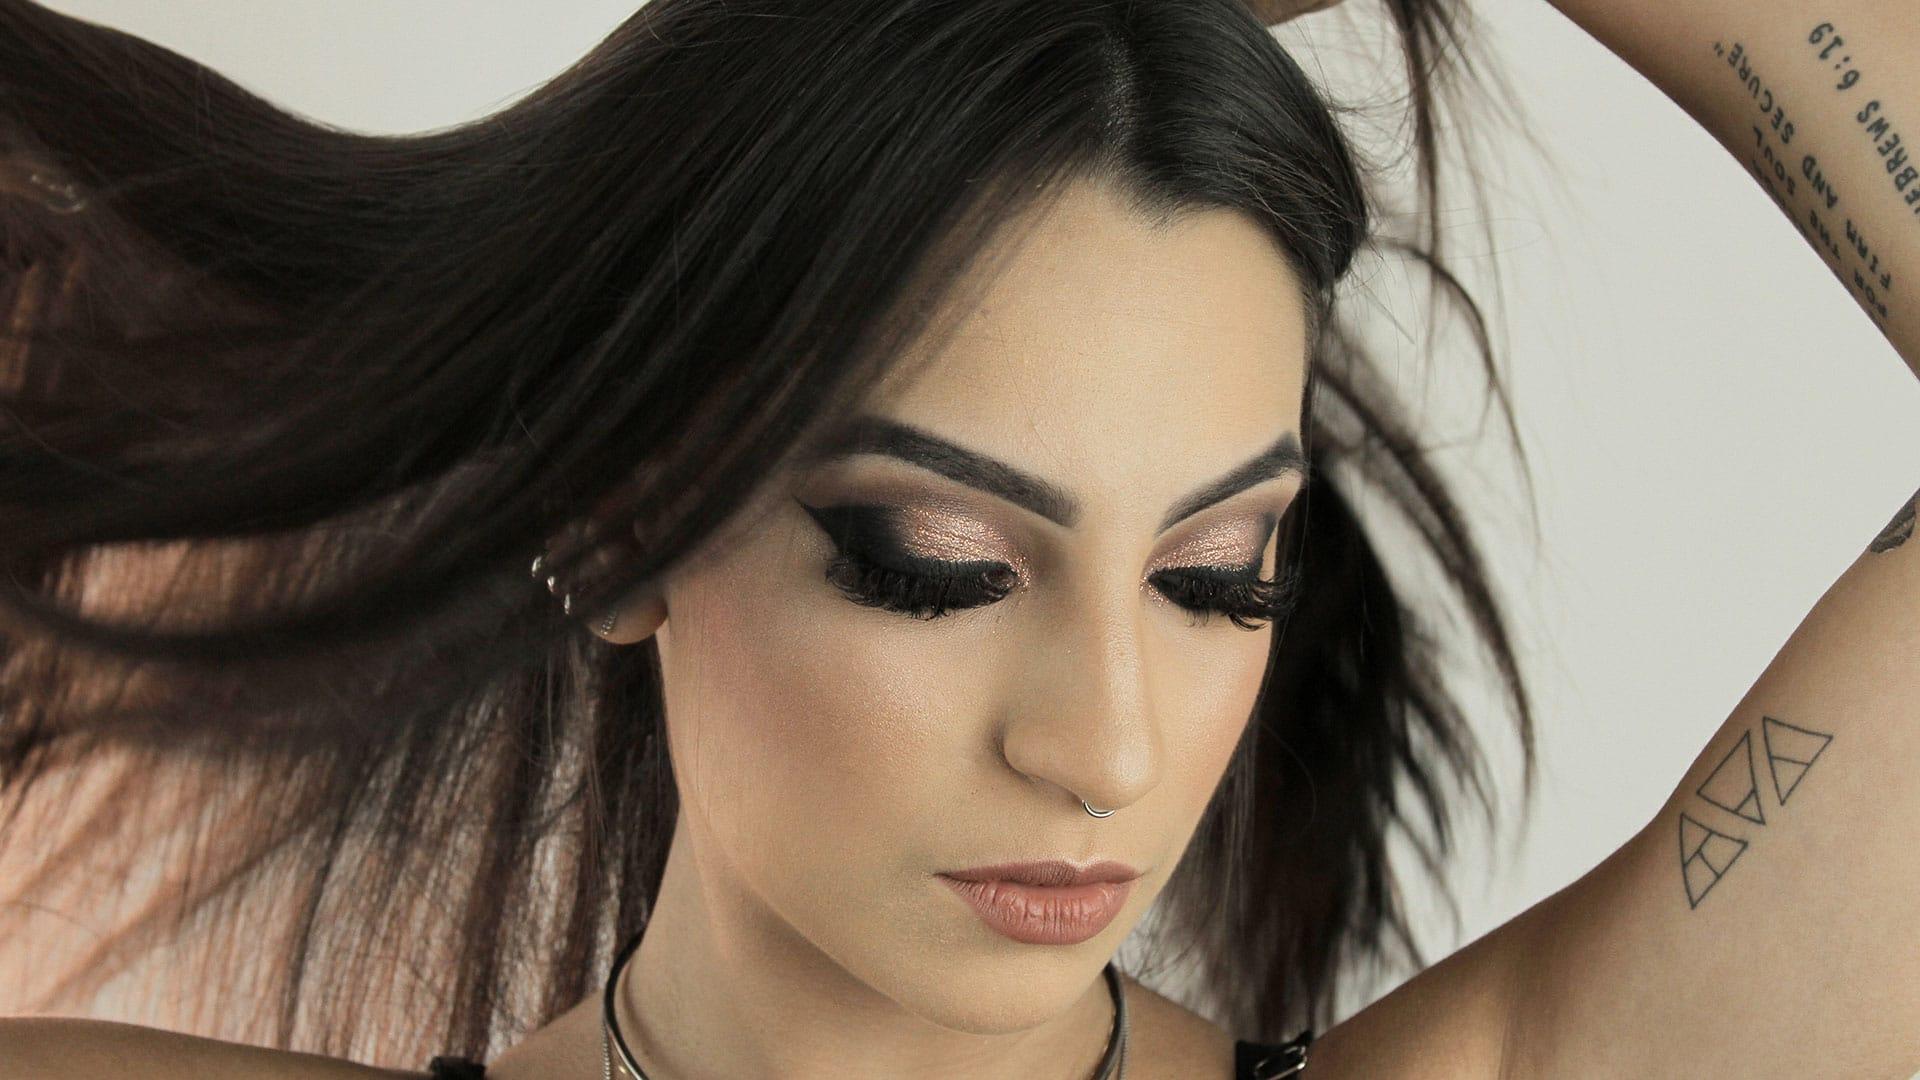 Raquel-Contente-173